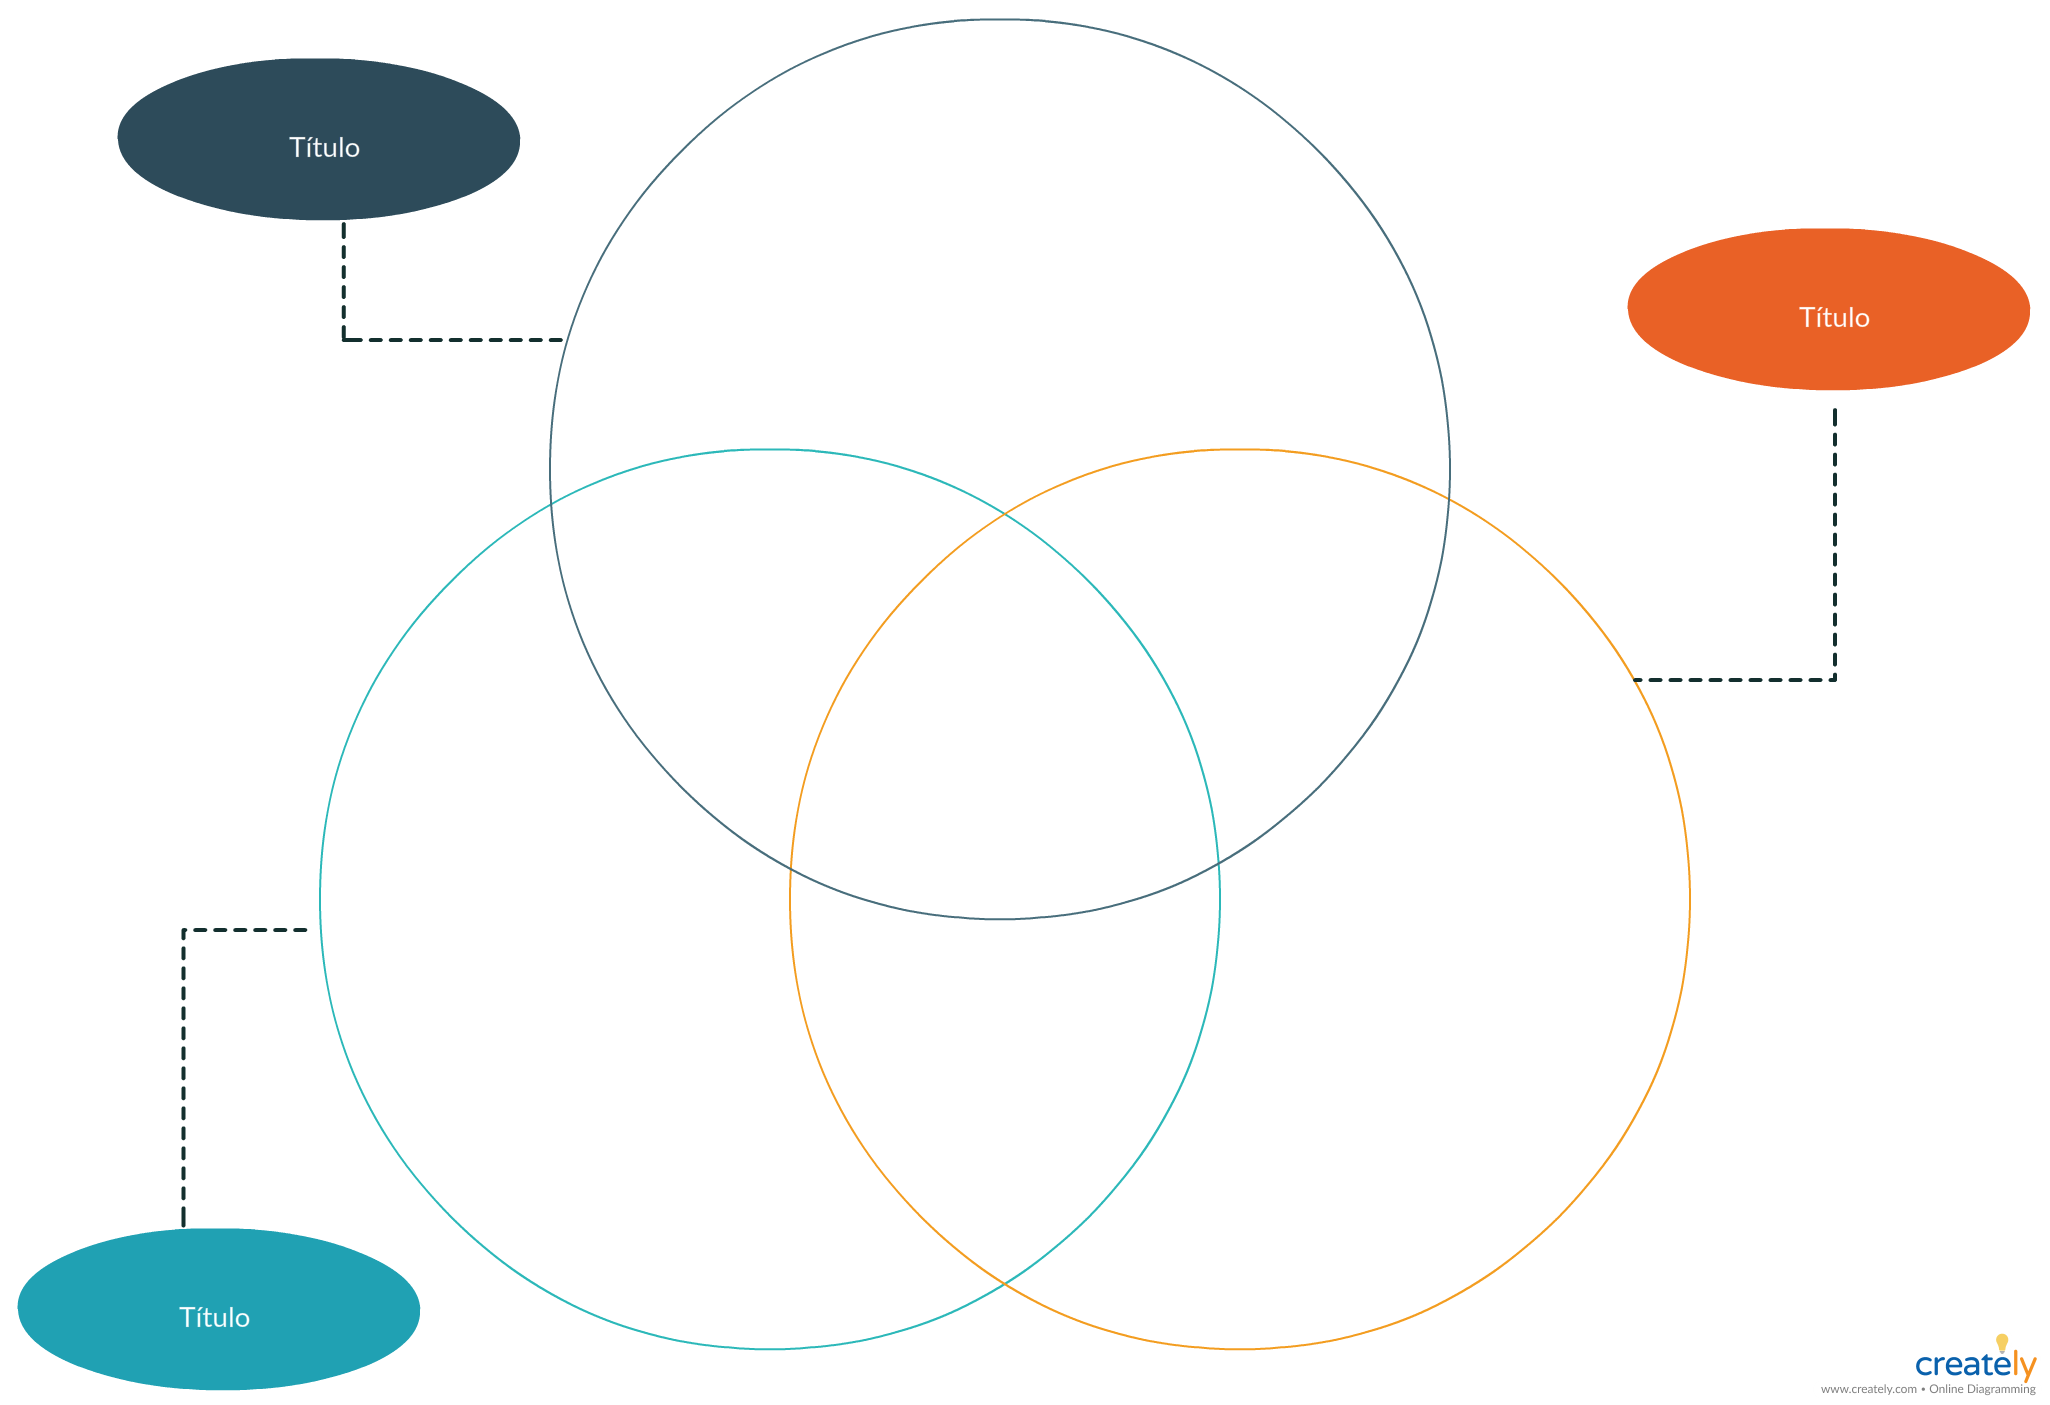 medium resolution of 3 circulo diagrama de venn para descargar o modificar en linea puedes editar esta plantilla